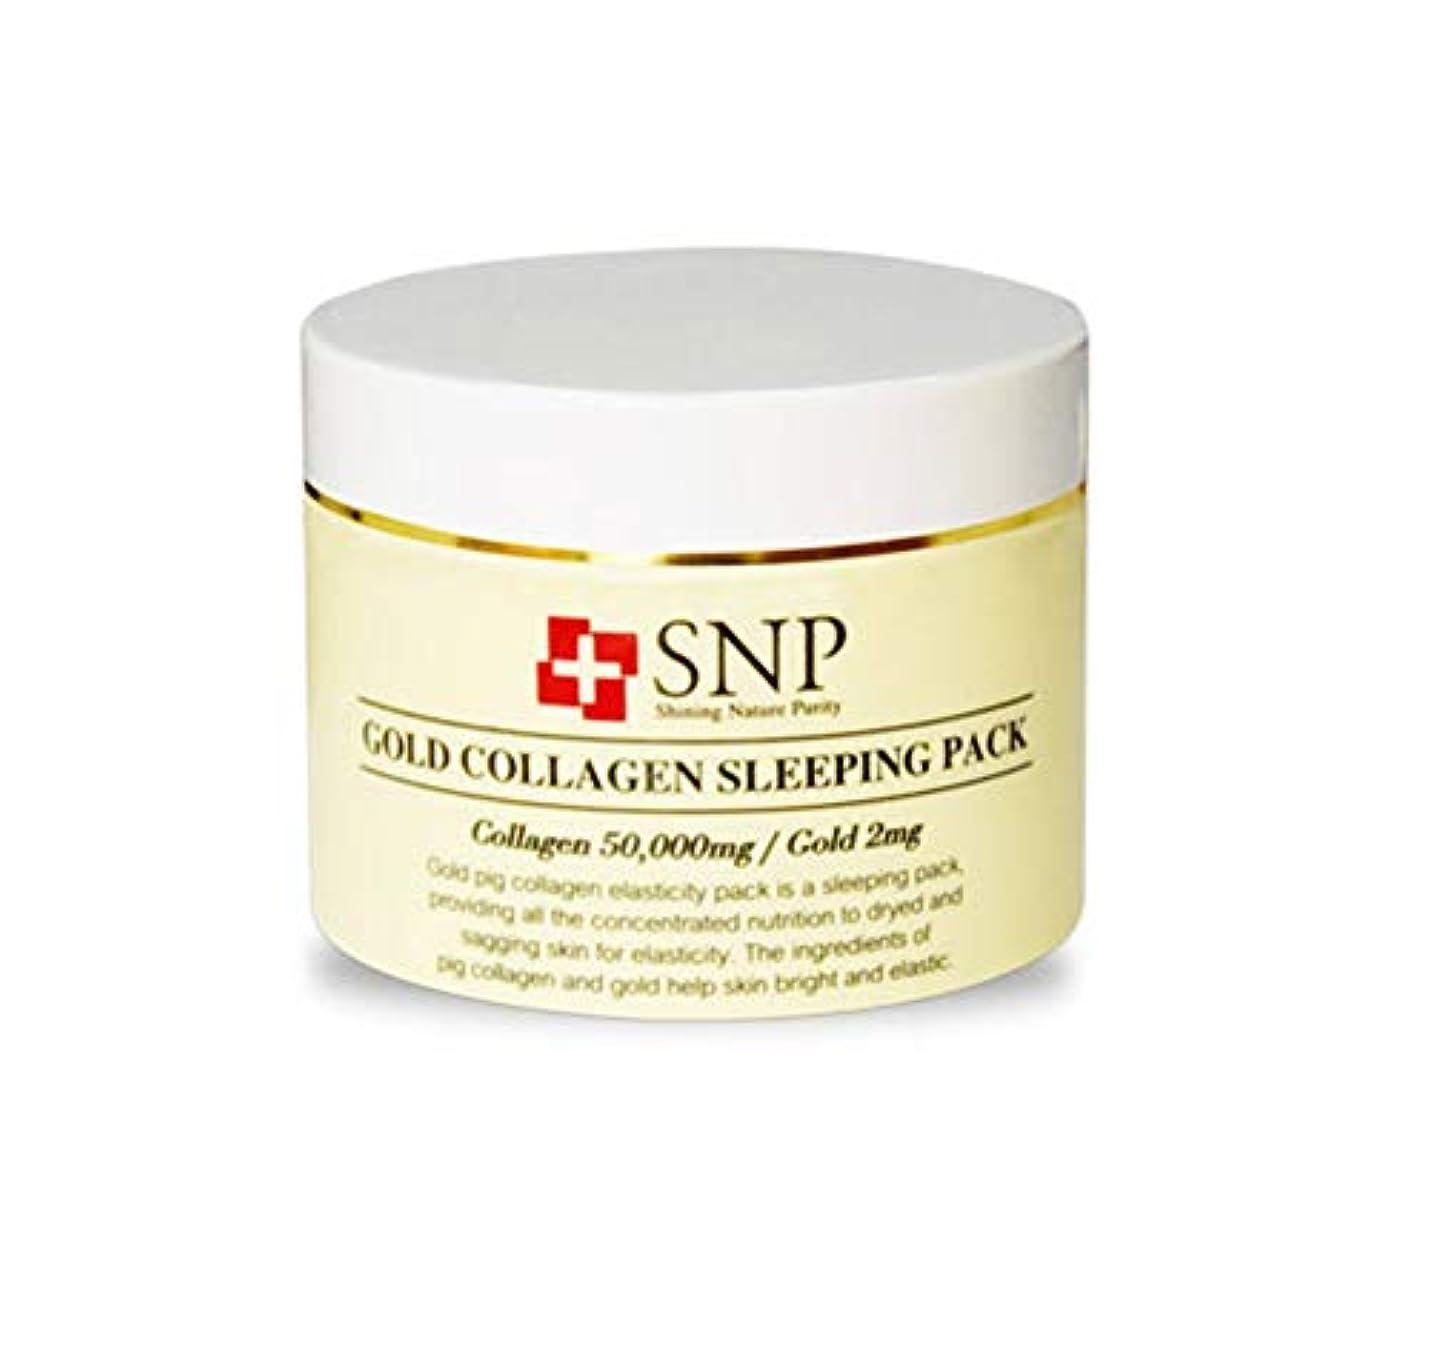 場合バリア教育するエスエンピSNP 韓国コスメ ゴールドコラーゲンスリーピングパック睡眠パック100g 海外直送品 SNP Gold Collagen Sleeping Pack Night Cream [並行輸入品]